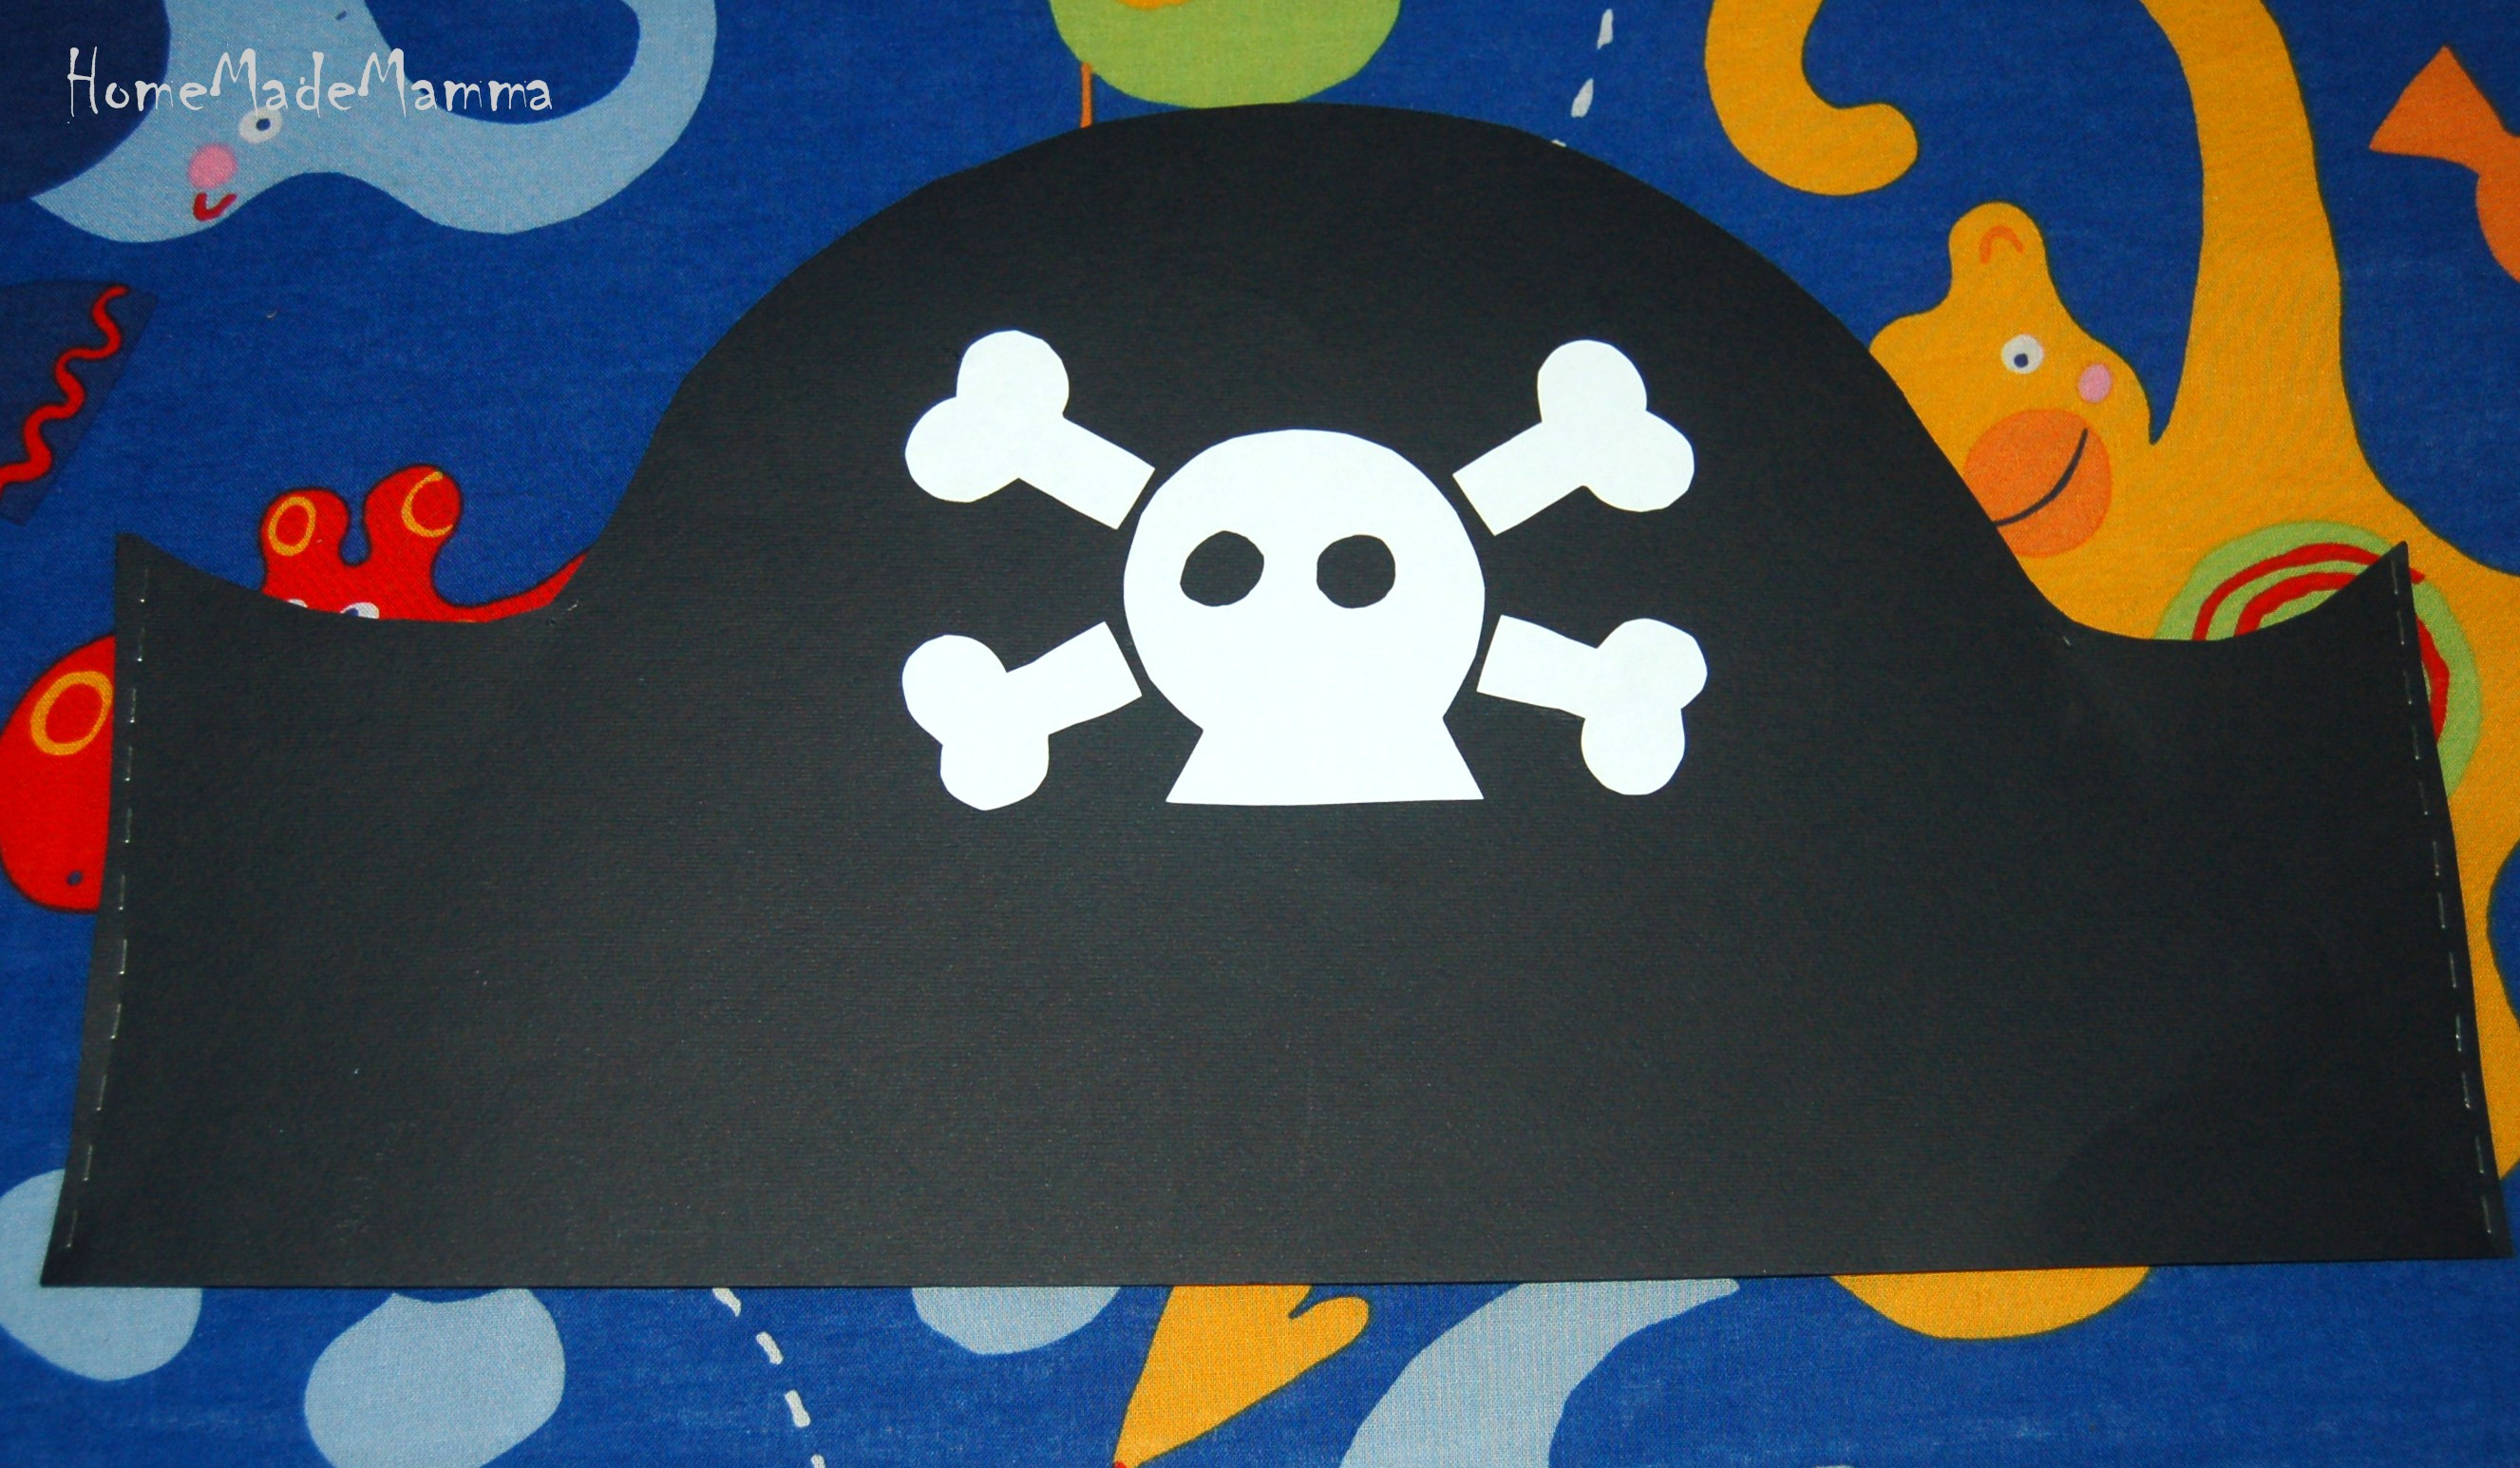 Il cappello del pirata Barbagianni 1e8d71f0cc7f